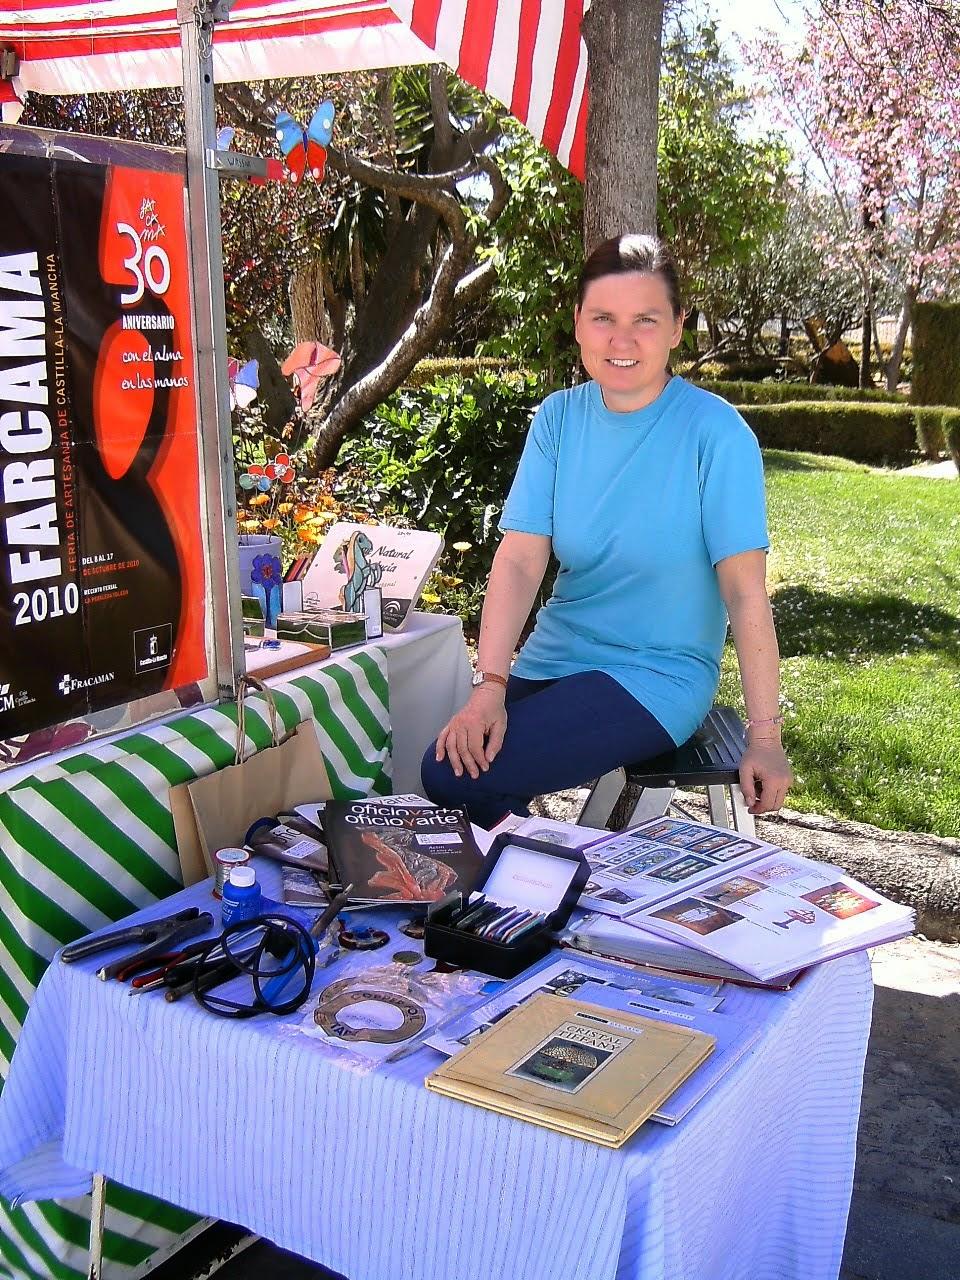 Días Europeos de la Artesanía 5-6 de abril